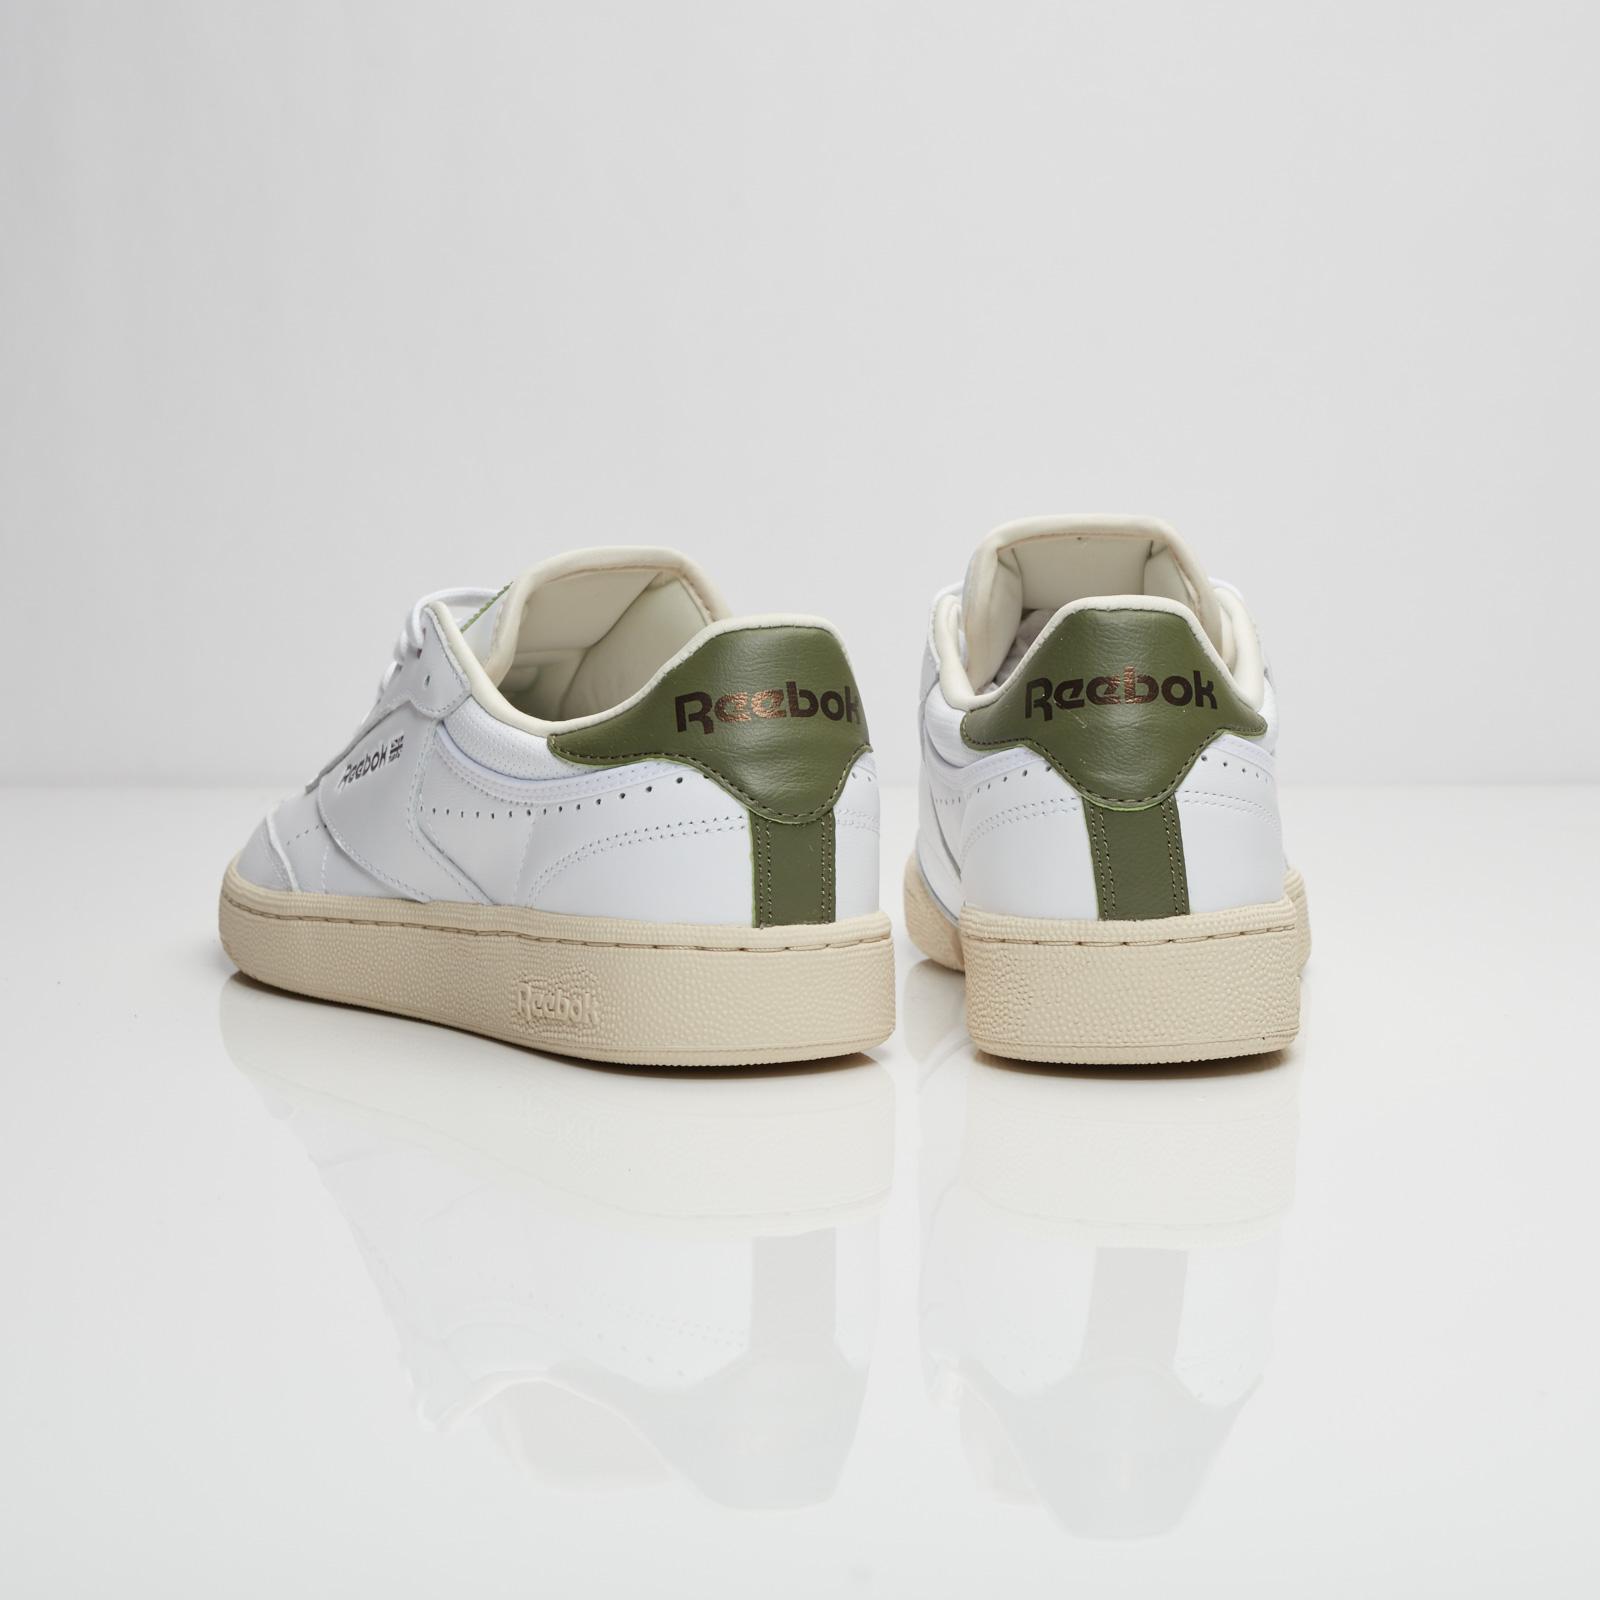 Reebok Club C 85 PL Ar1284 Sneakersnstuff | sneakers